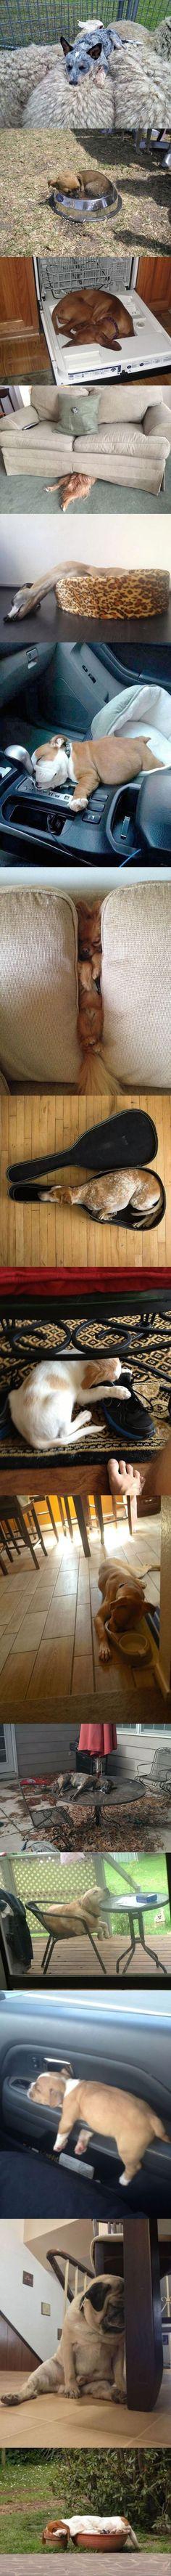 Hunde und ihre bequemen Schlafplätze   Webfail - Fail Bilder und Fail Video